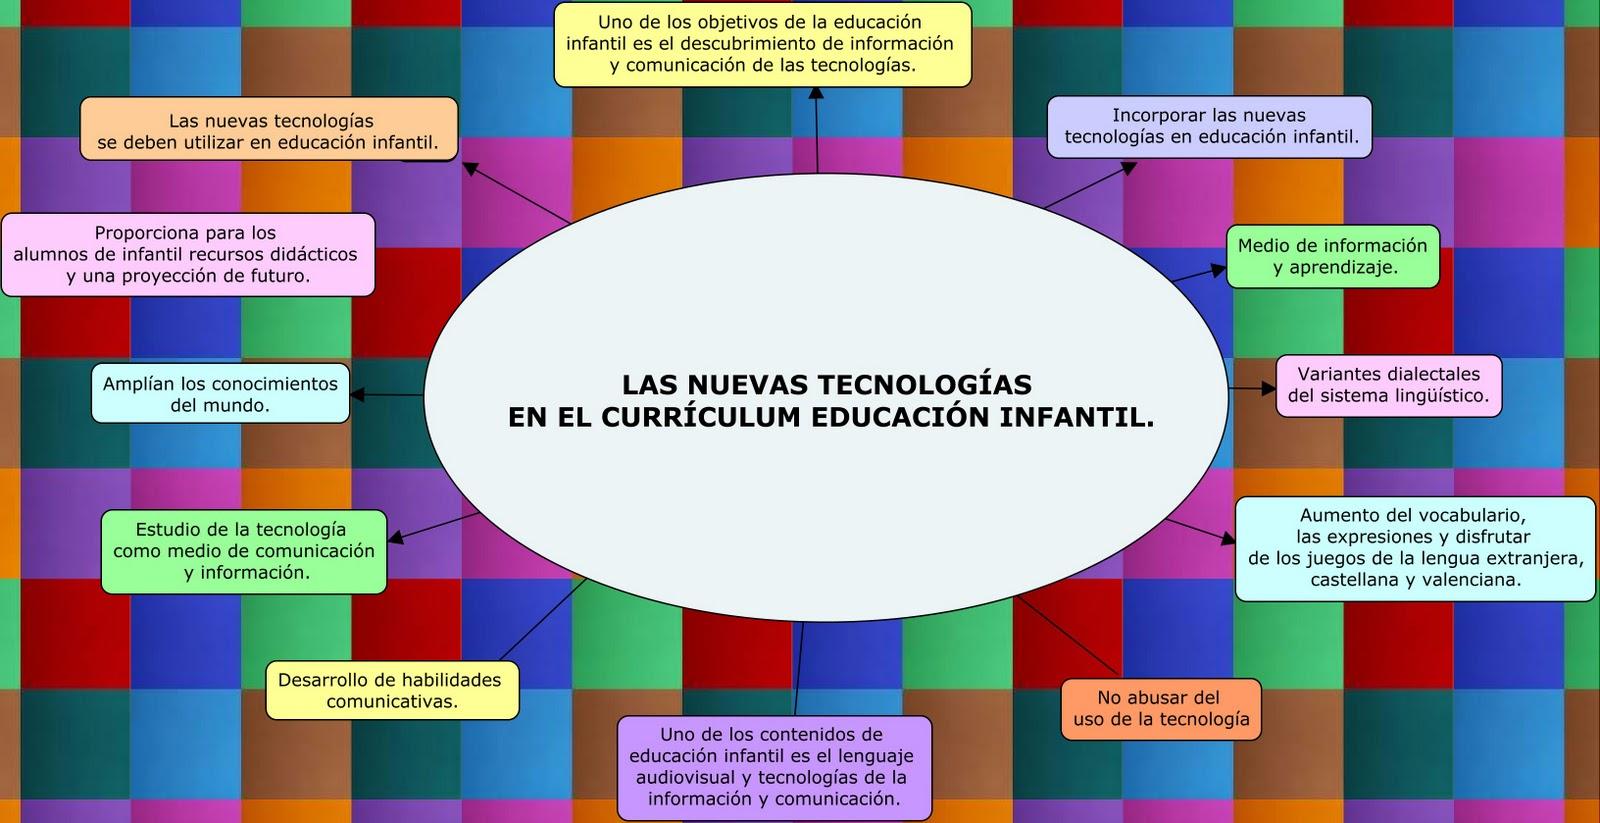 Nuevas tecnologias de Maya: TICs en el currículum de educación infantil